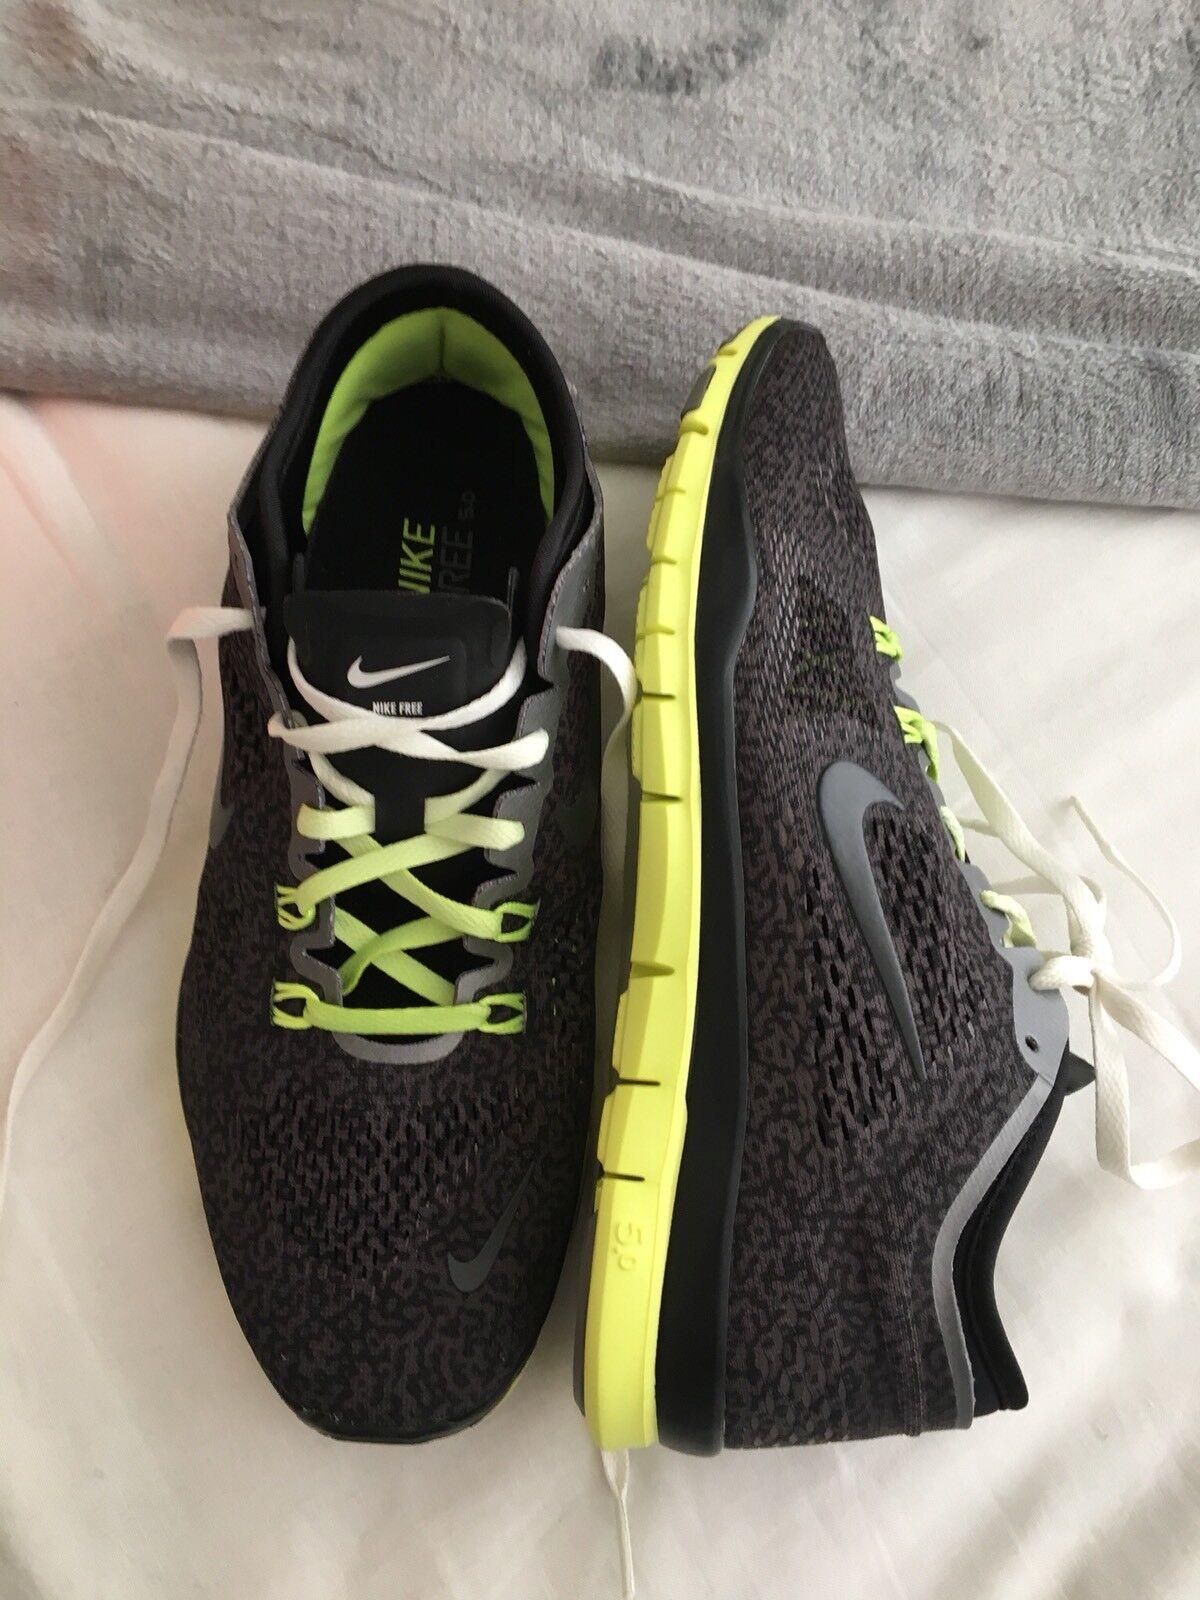 Gym Free Run 5.0 Günstige und gute Schuhe